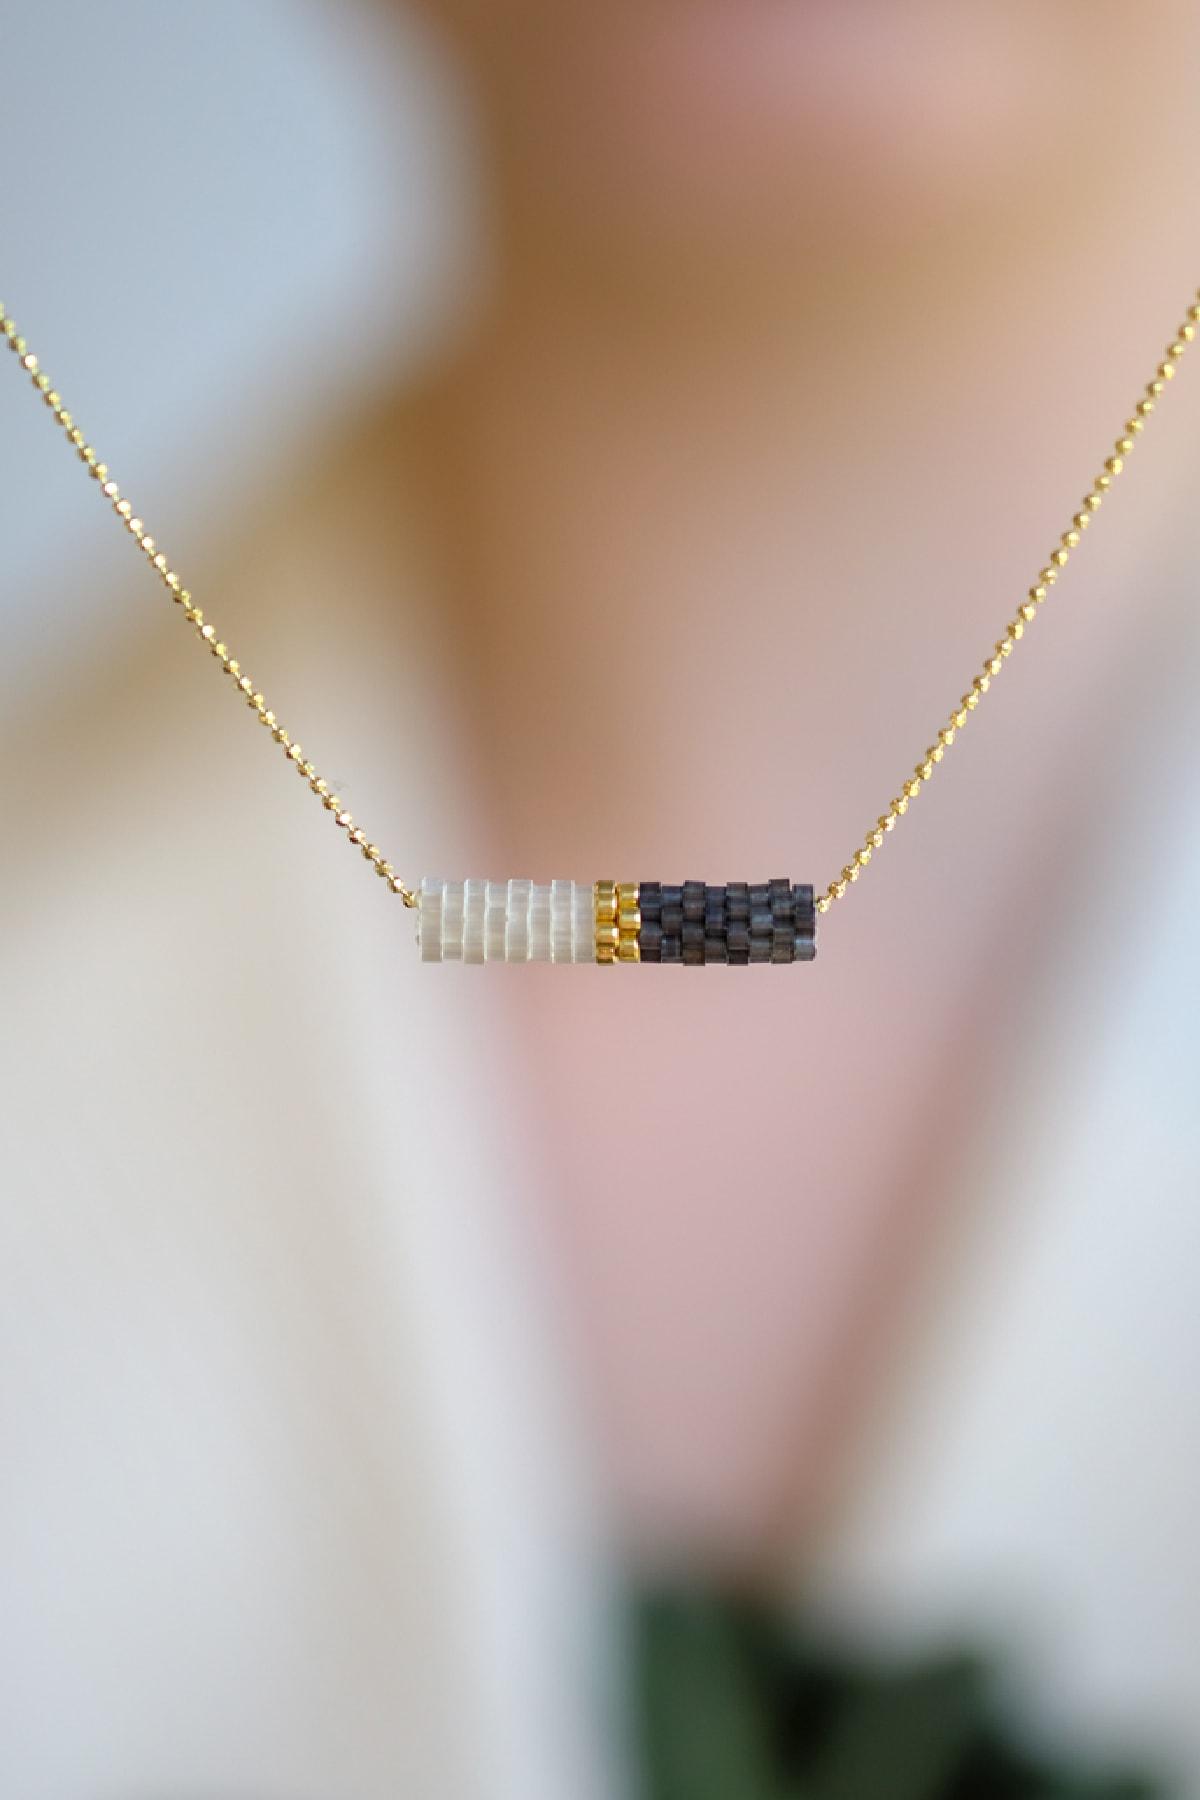 Gui Jewellery Kolye Siyah-beyaz Gümüş Üzeri Altın Kaplama 1